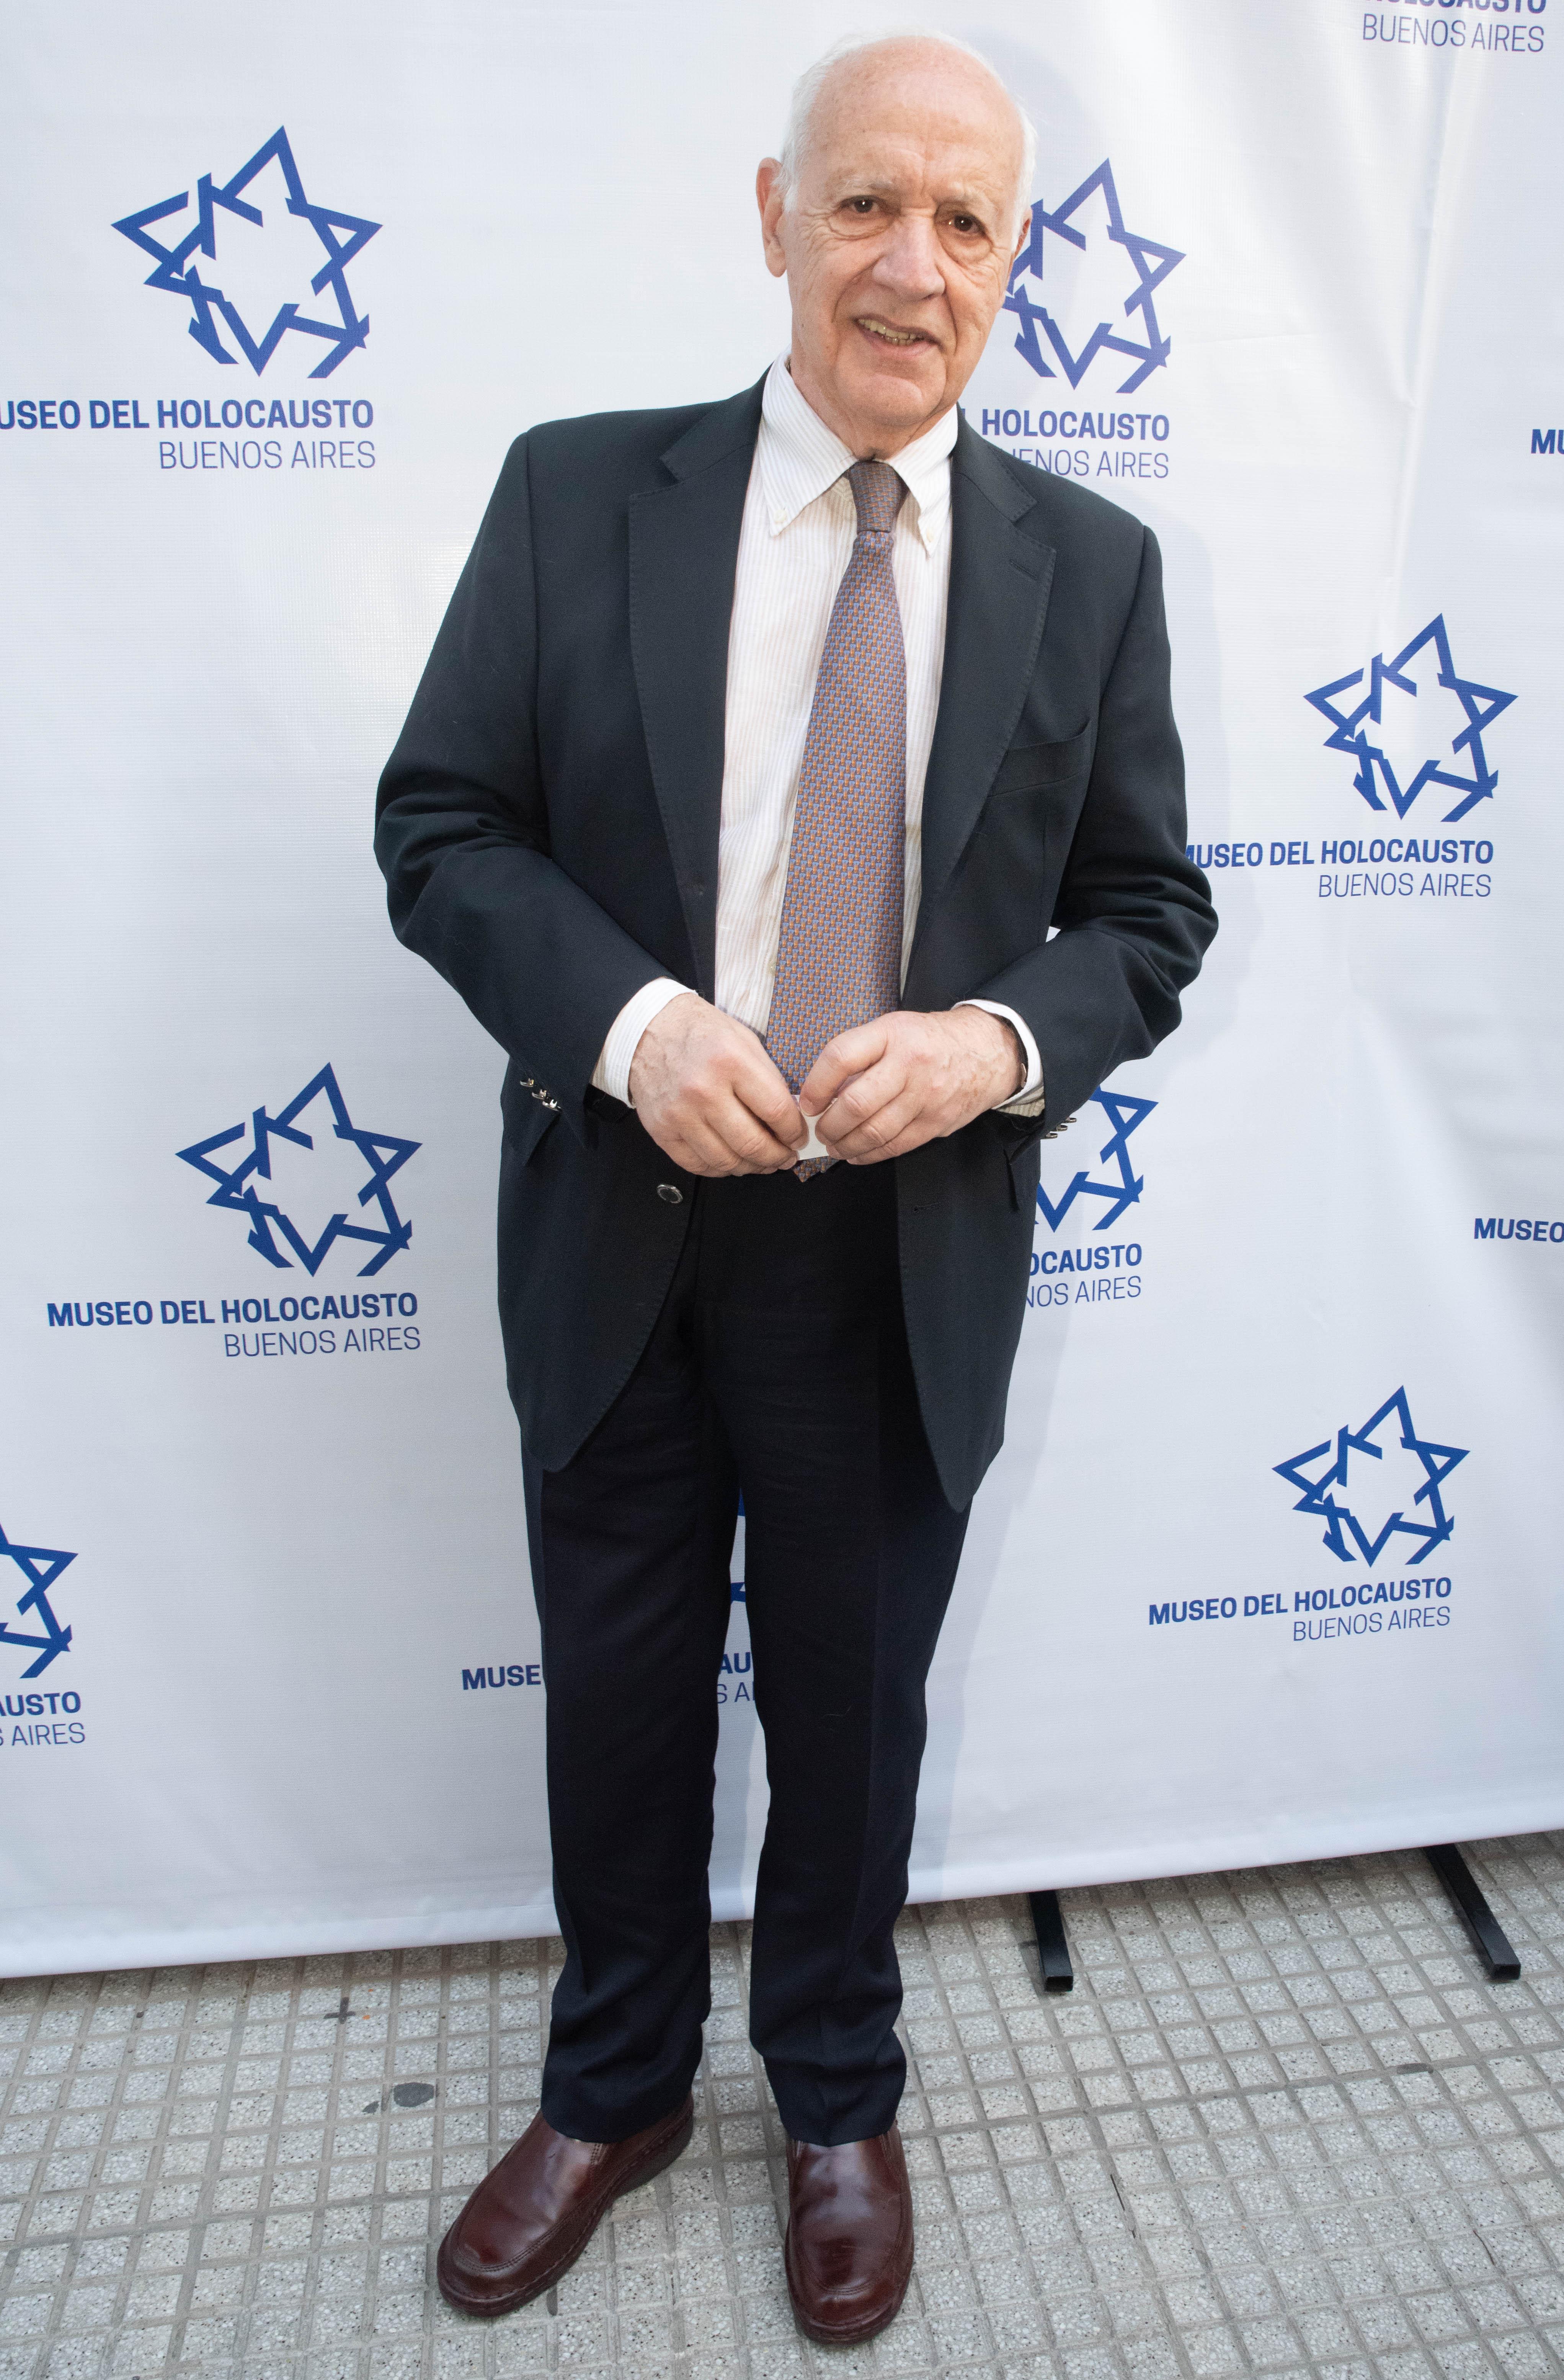 El ex candidato a presidente Roberto Lavagna